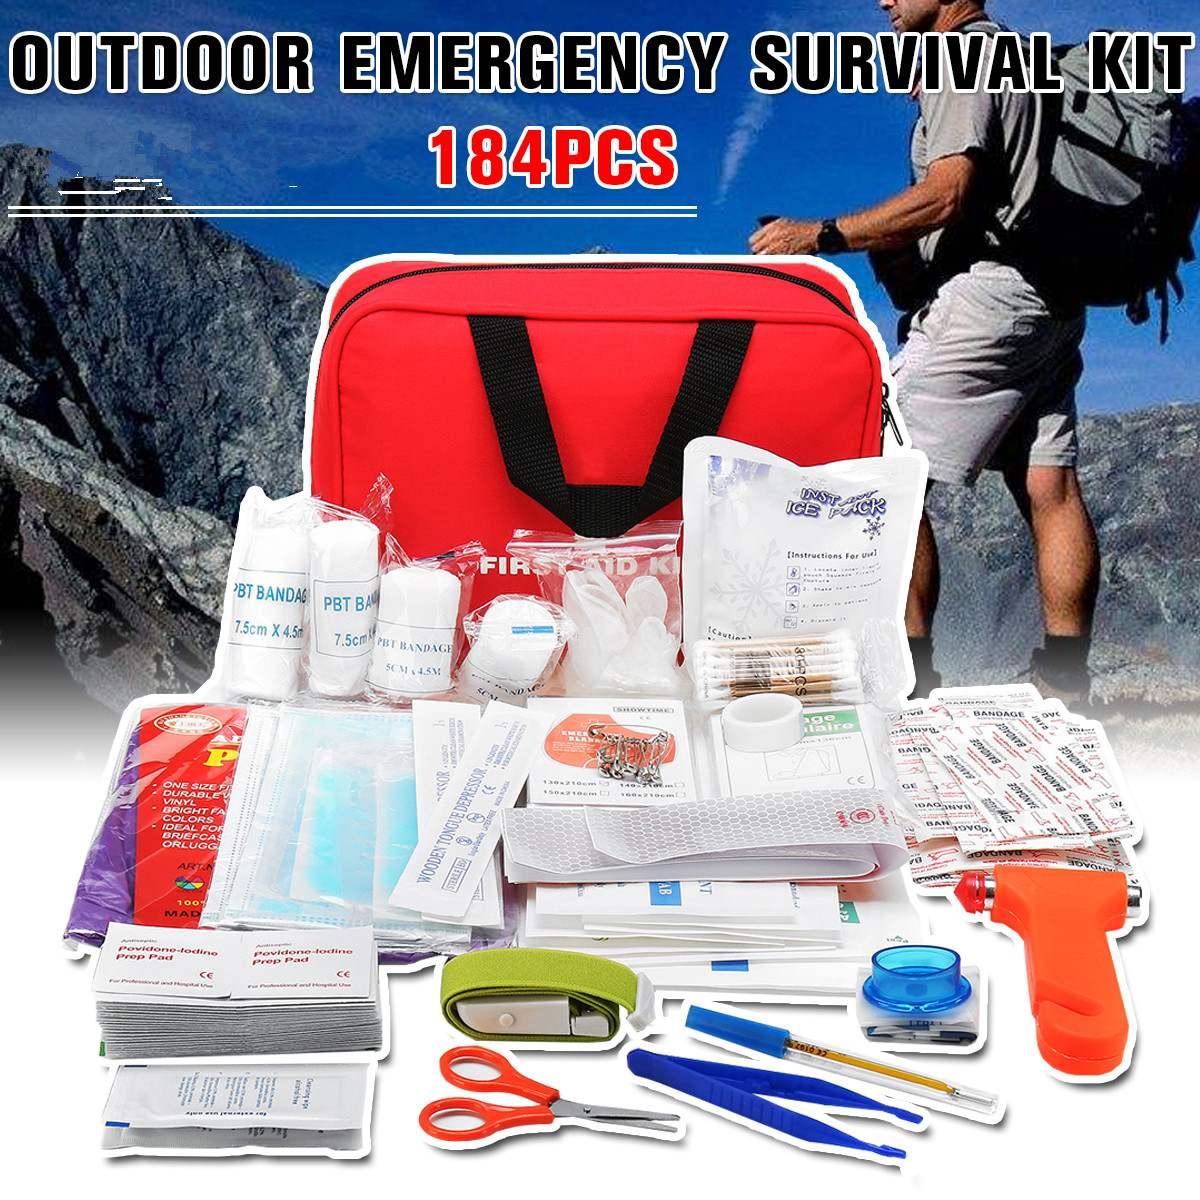 184 шт. портативная аптечка для лекарств, походов на открытом воздухе, походов, медицинская сумка, сумка для выживания, Аварийные наборы, доро...